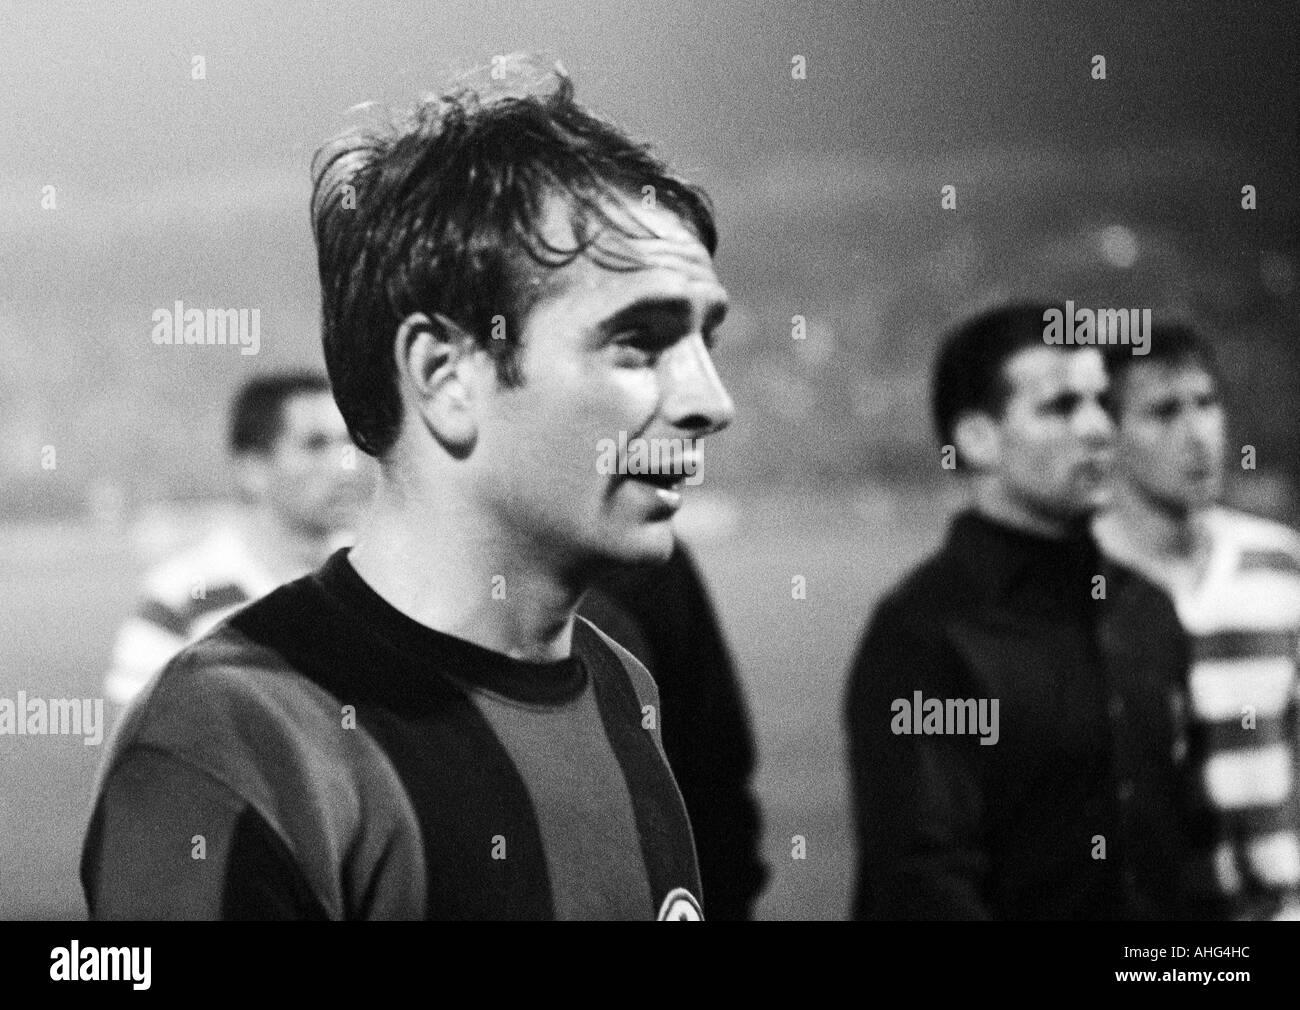 football, Bundesliga, 1967/1968, Wedau Stadium in Duisburg, MSV Duisburg versus Eintracht Frankfurt 0:1, football player Juergen Friedrich (Frankfurt) - Stock Image